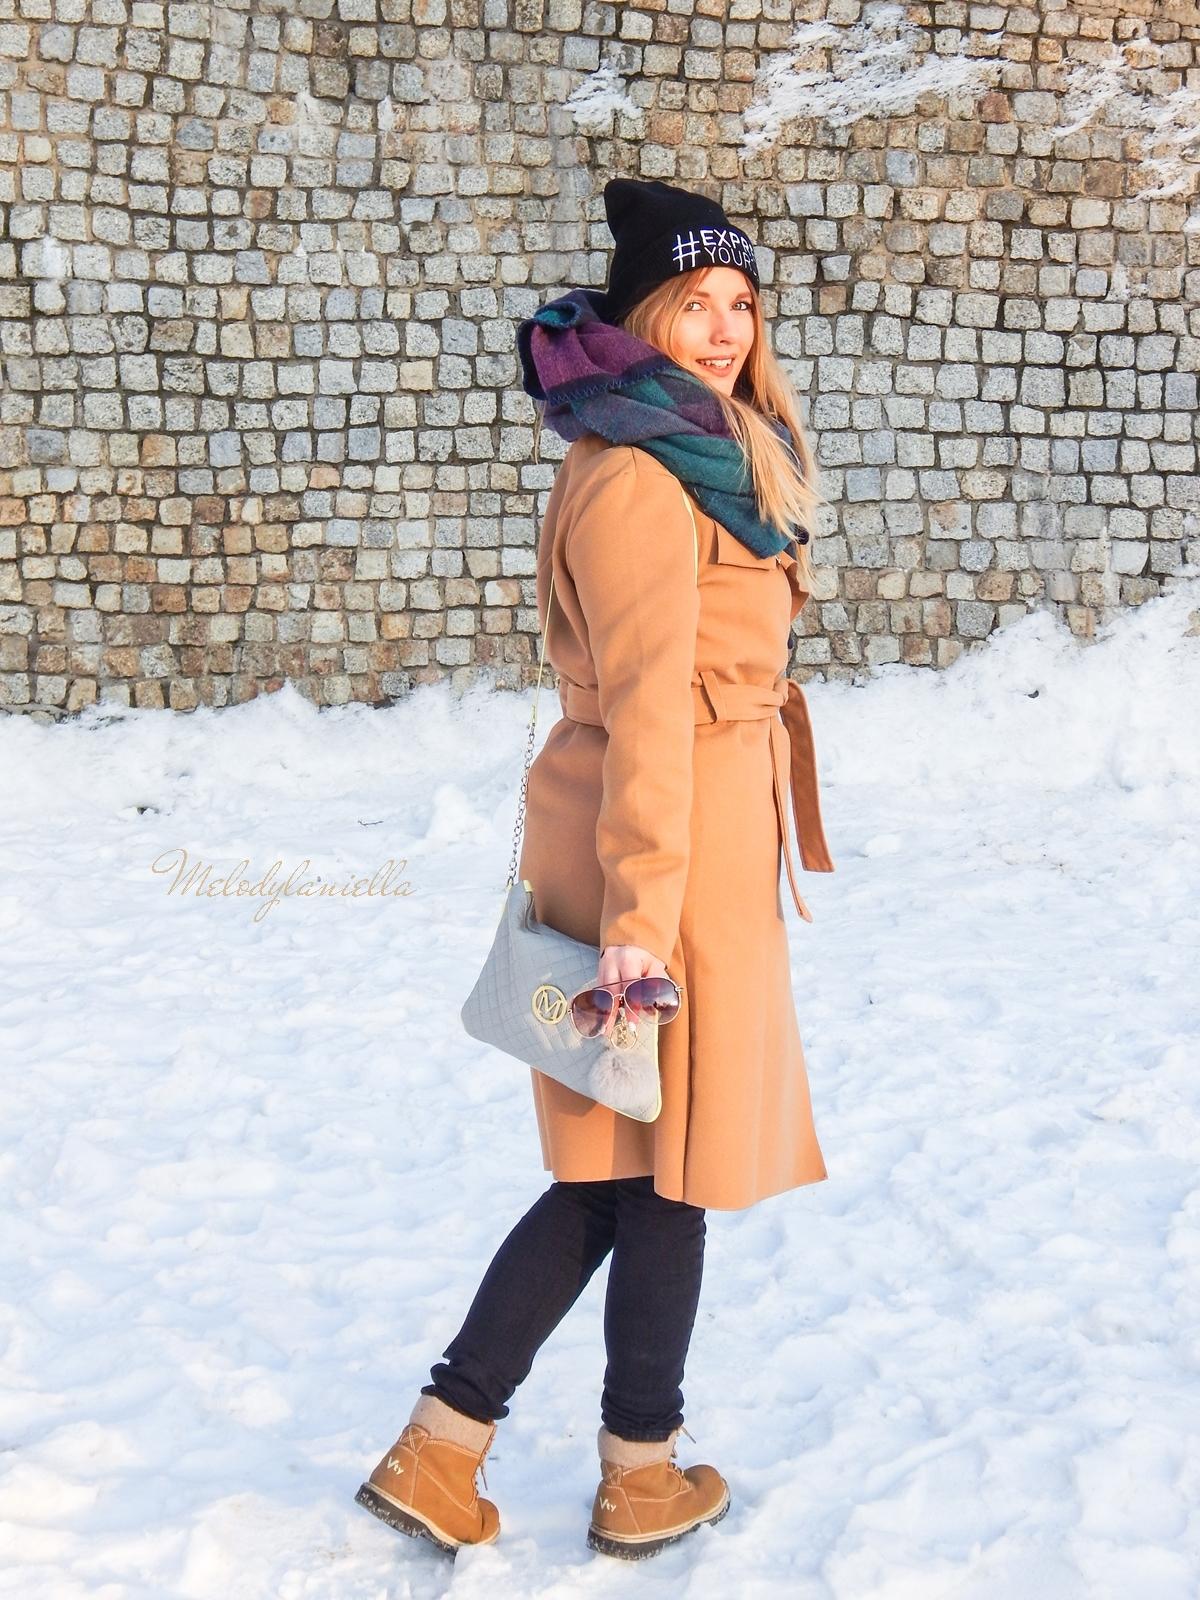 12  melodylaniella wełniany piaskowy beżowy karmelowy wielbłądzi płaszcz stylizacja na zimę białe dodatki torebka manzana trapery deichmann czepka bellissima duży szal okulary street style